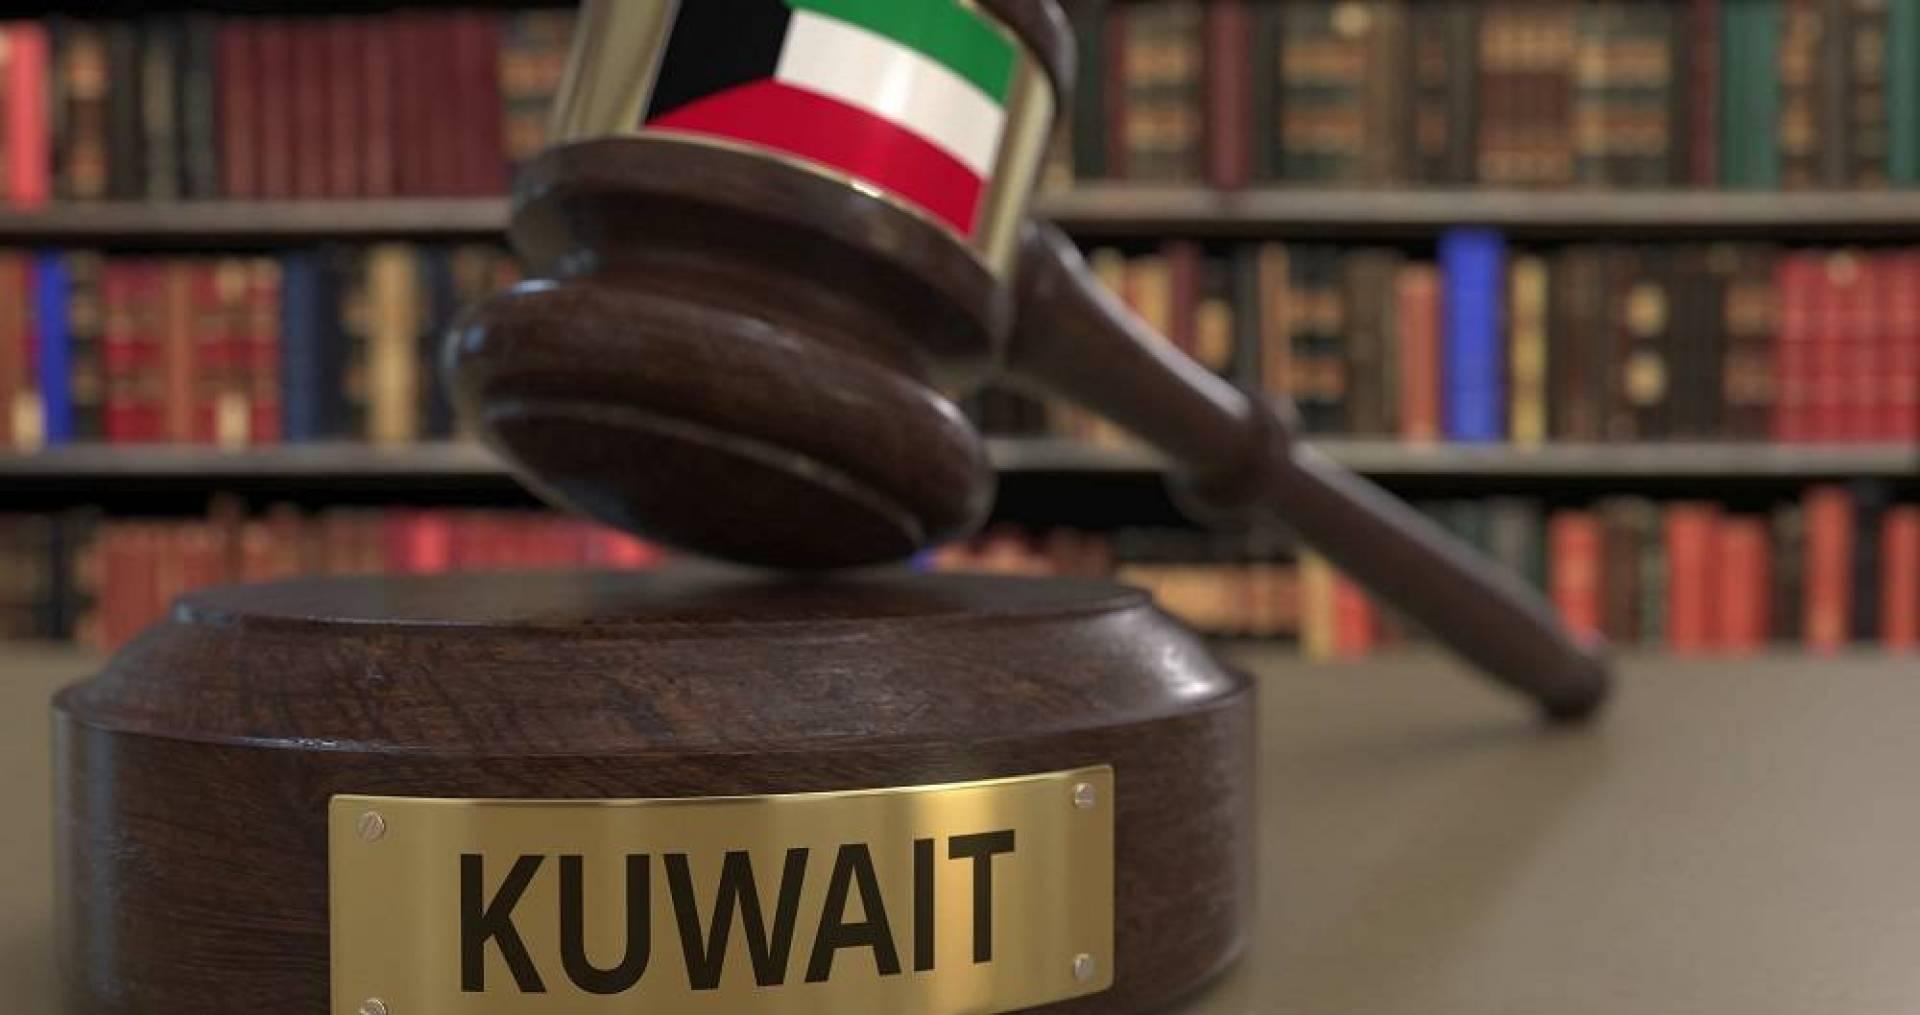 أول حكم قضائي يلغي قرار «الخدمة المدنية»: منع الموظفين من الدراسة.. ليس عدلاً